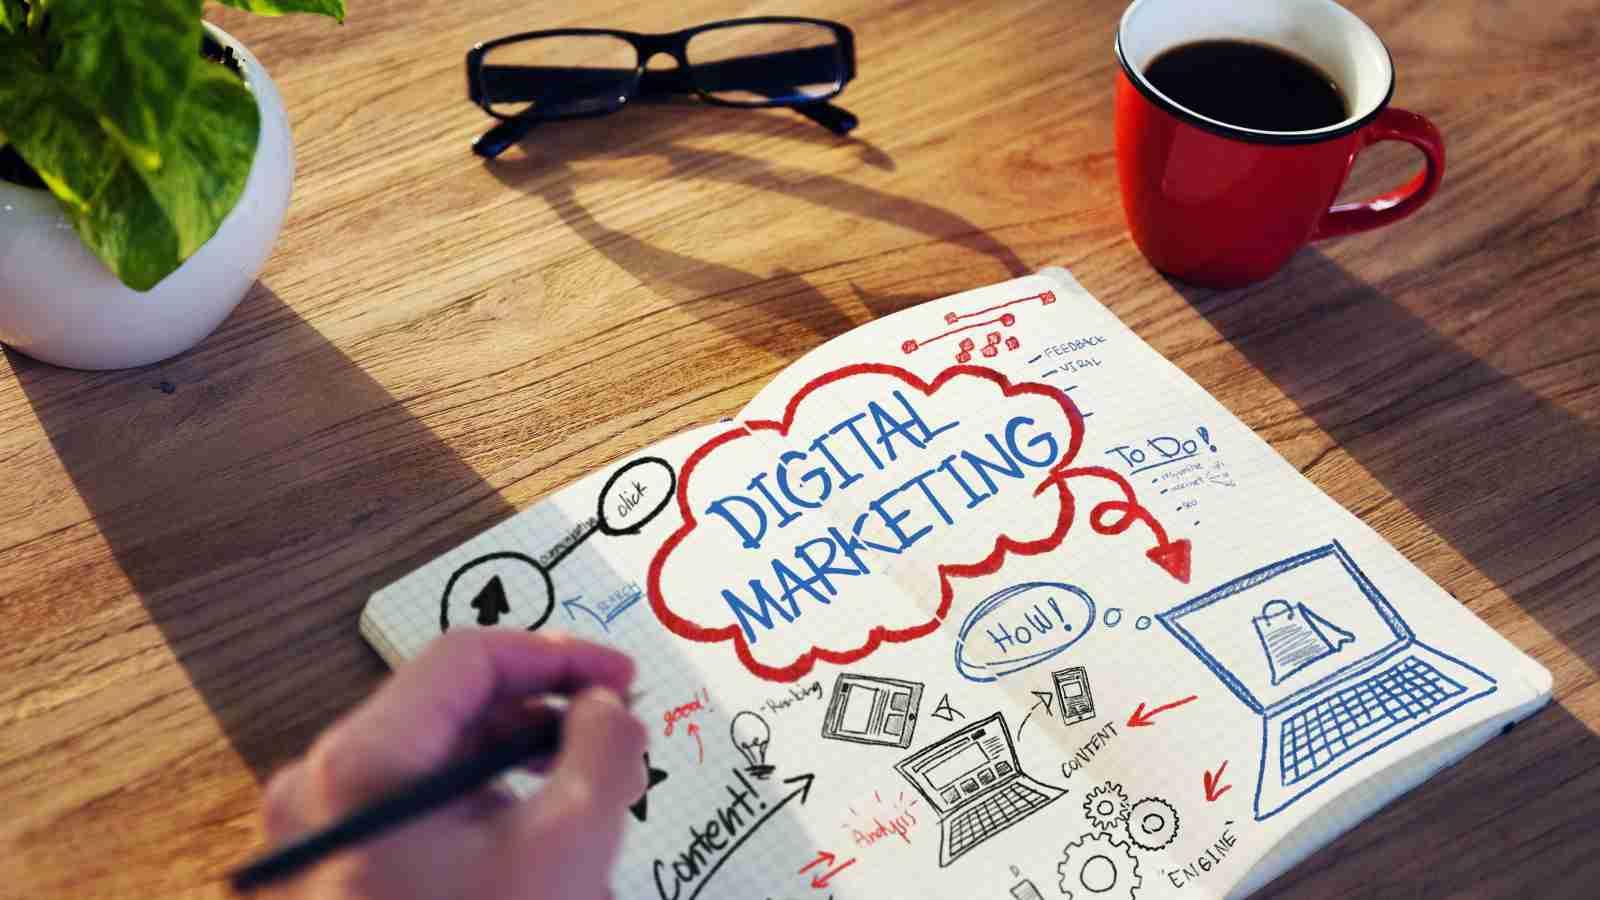 Accouting practice marketing plan